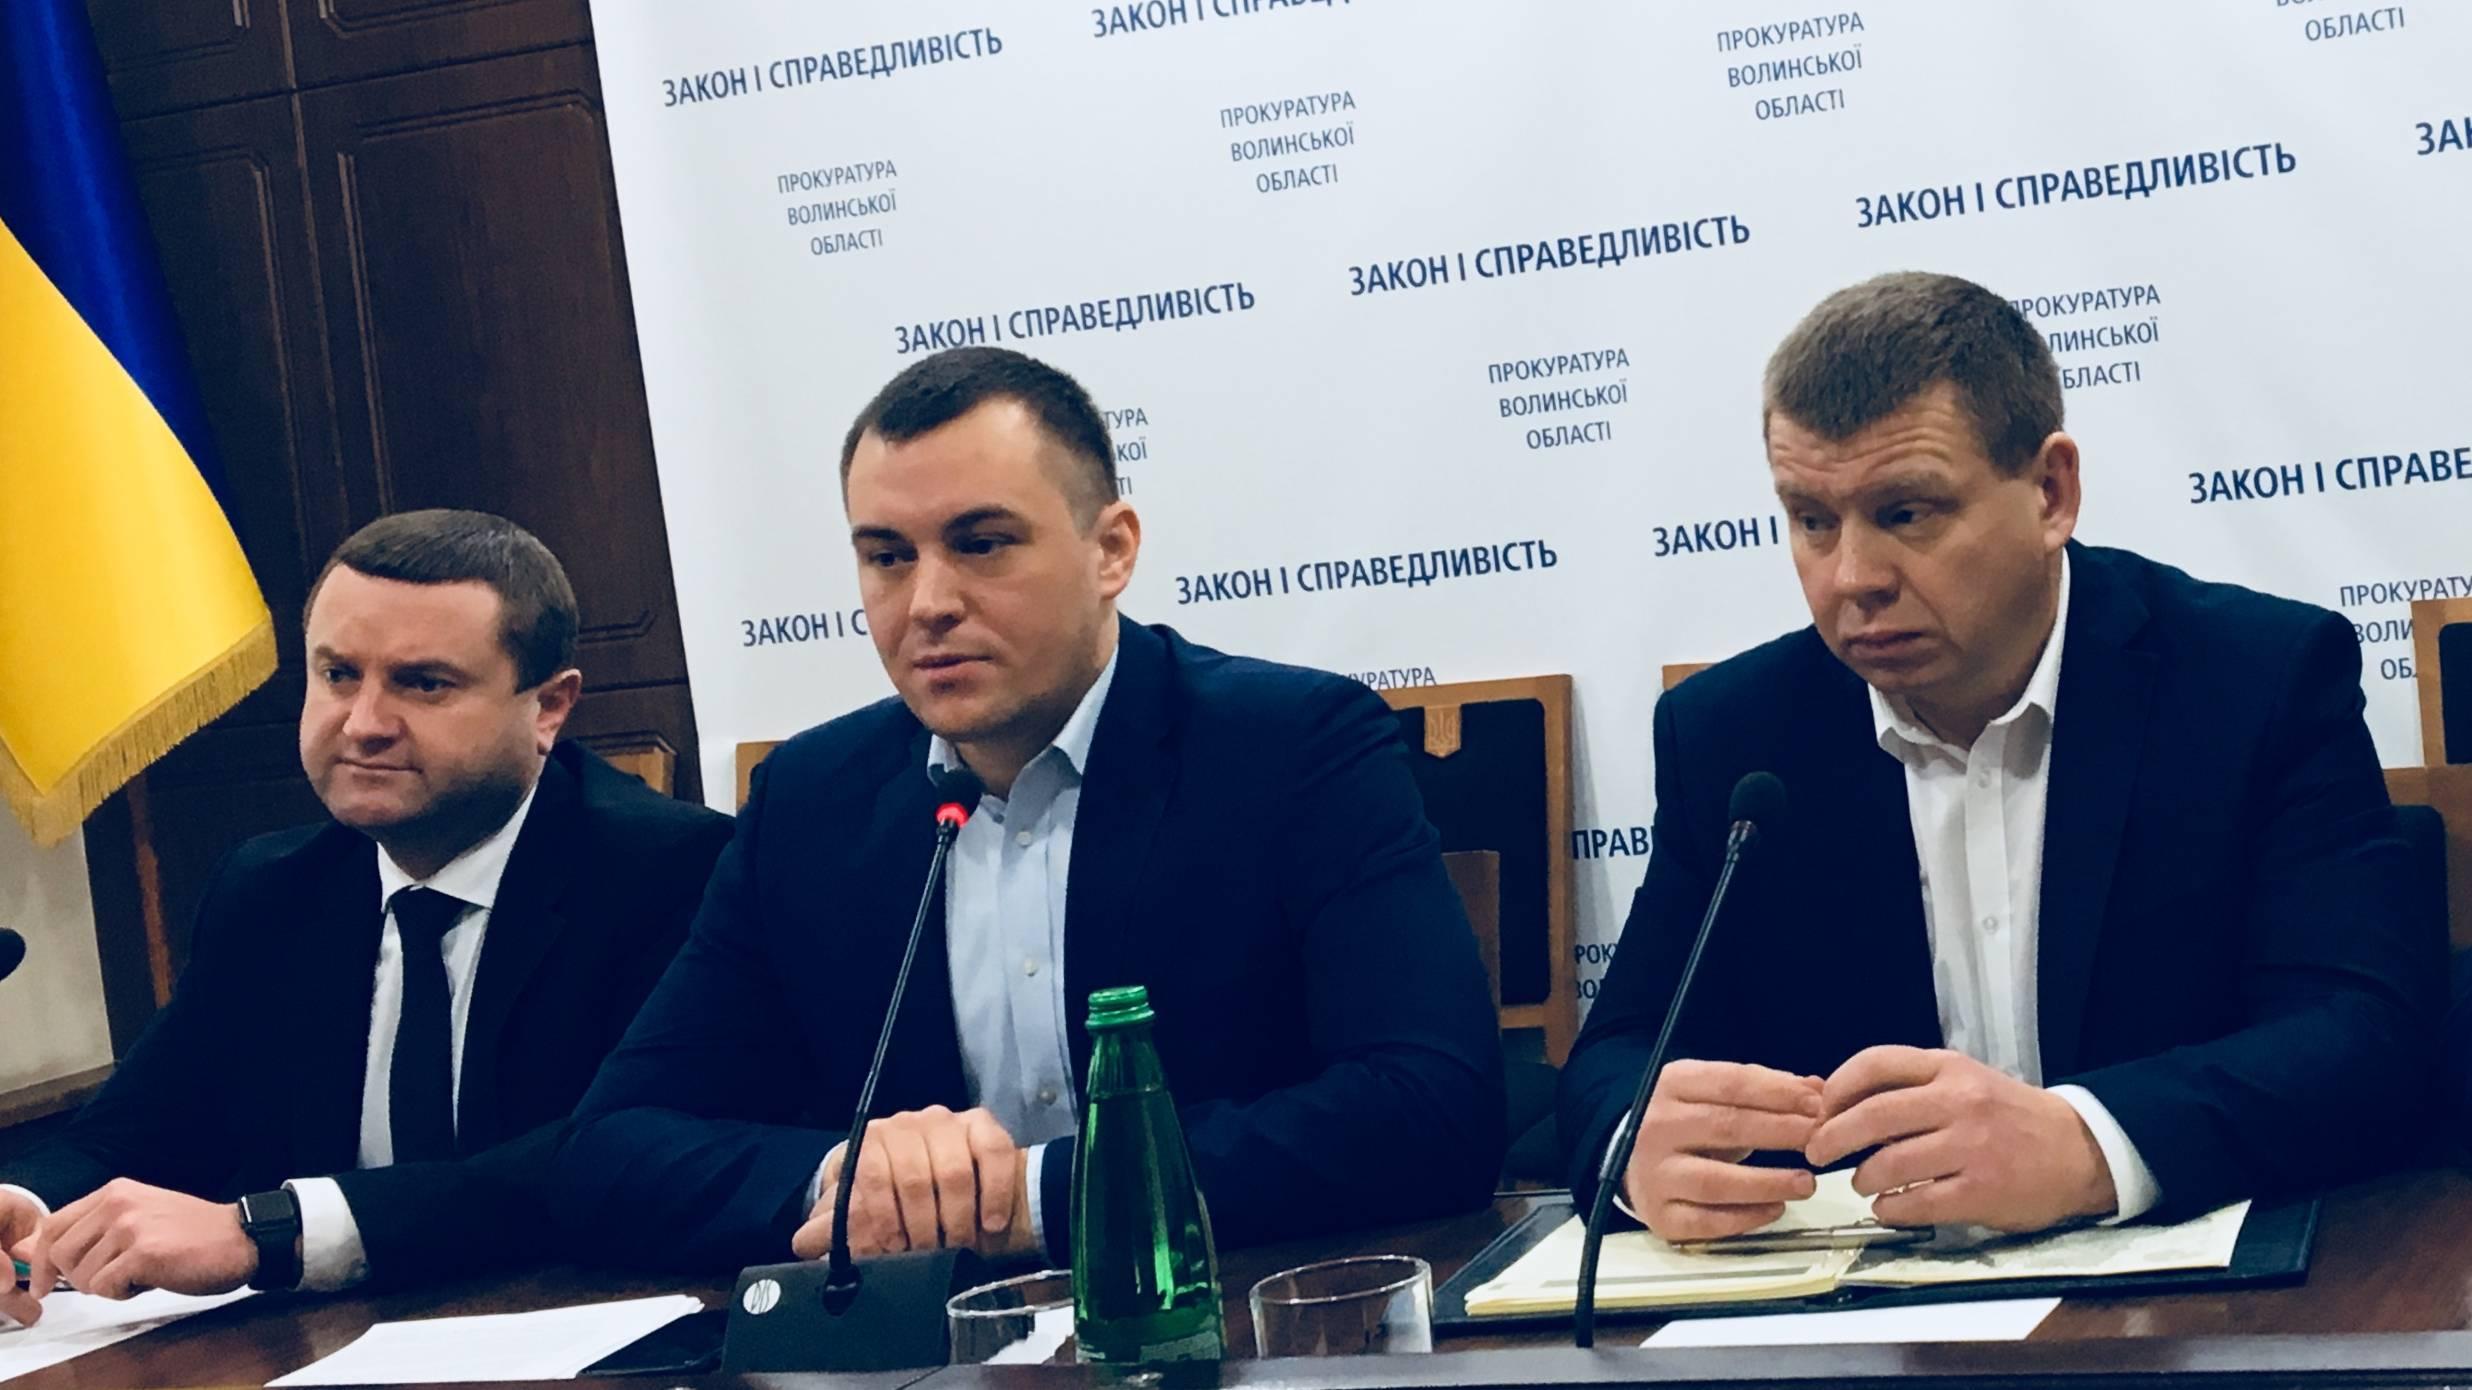 Прокуратура Волині підбила підсумки за 2019 рік